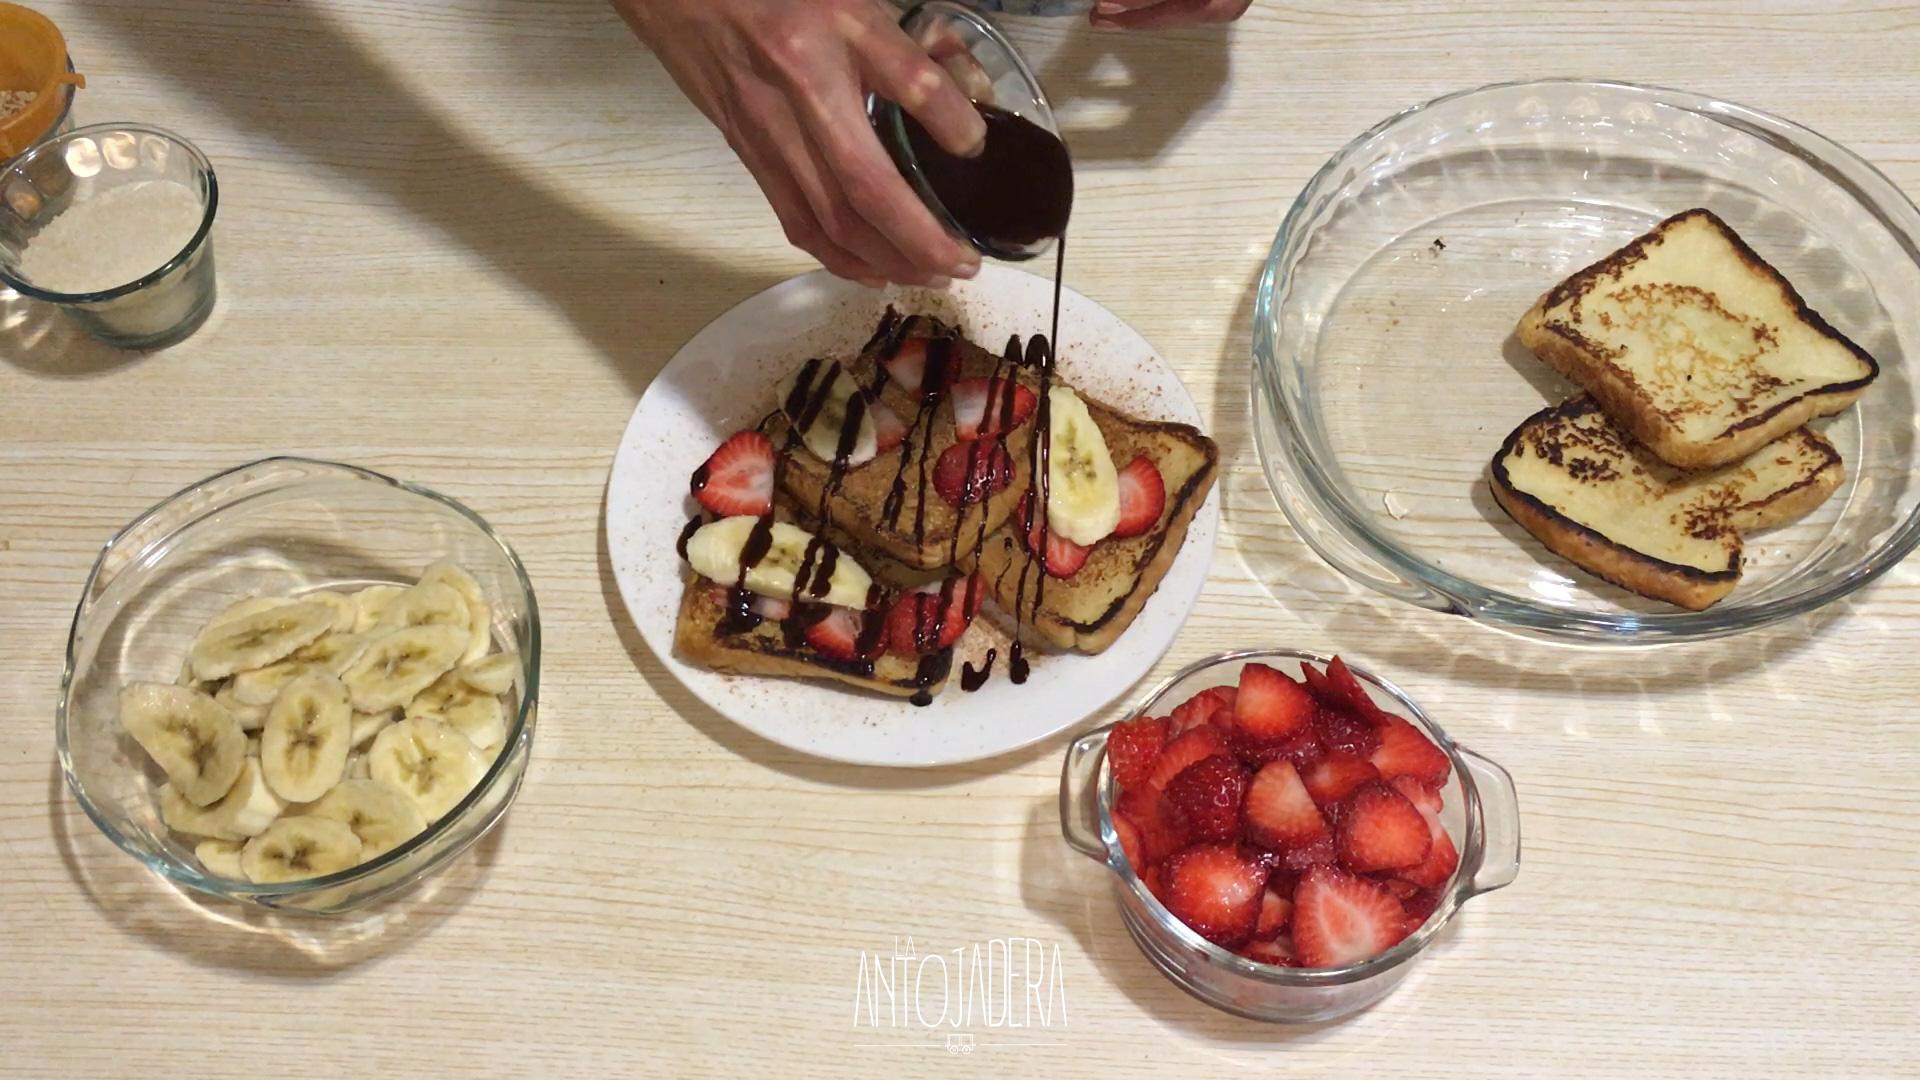 La Antojadera | Pan Francés con Frutas y Chocolate